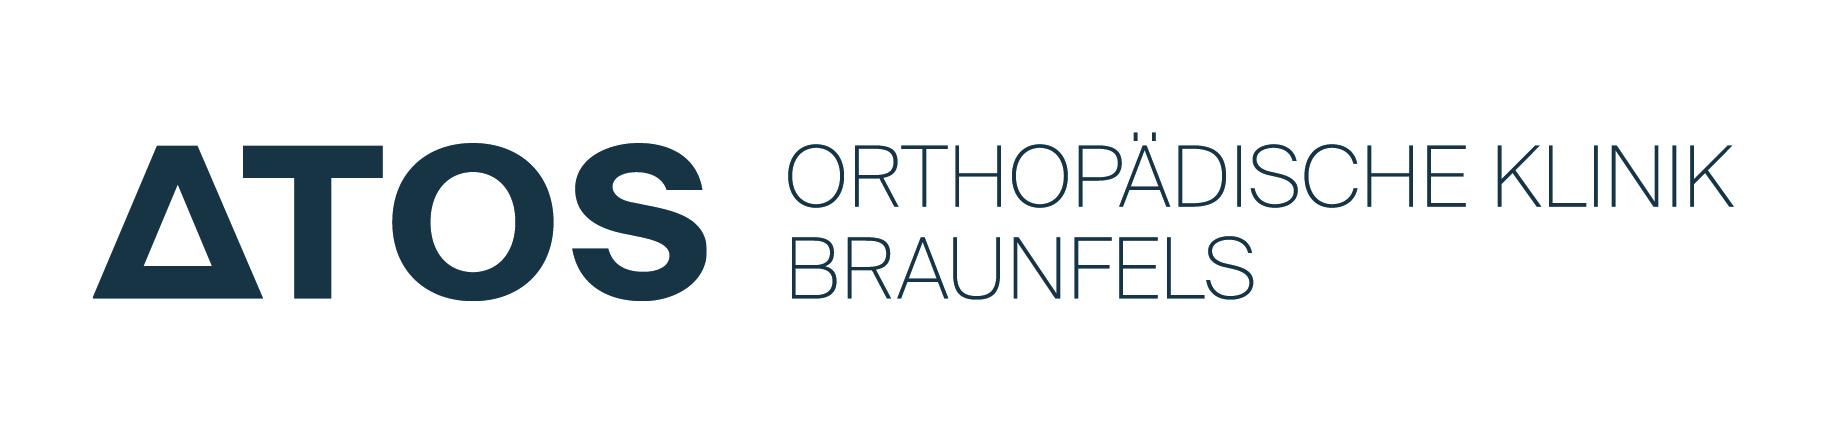 ATOS Orthopädische Klinik Braunfels GmbH & Co. KG